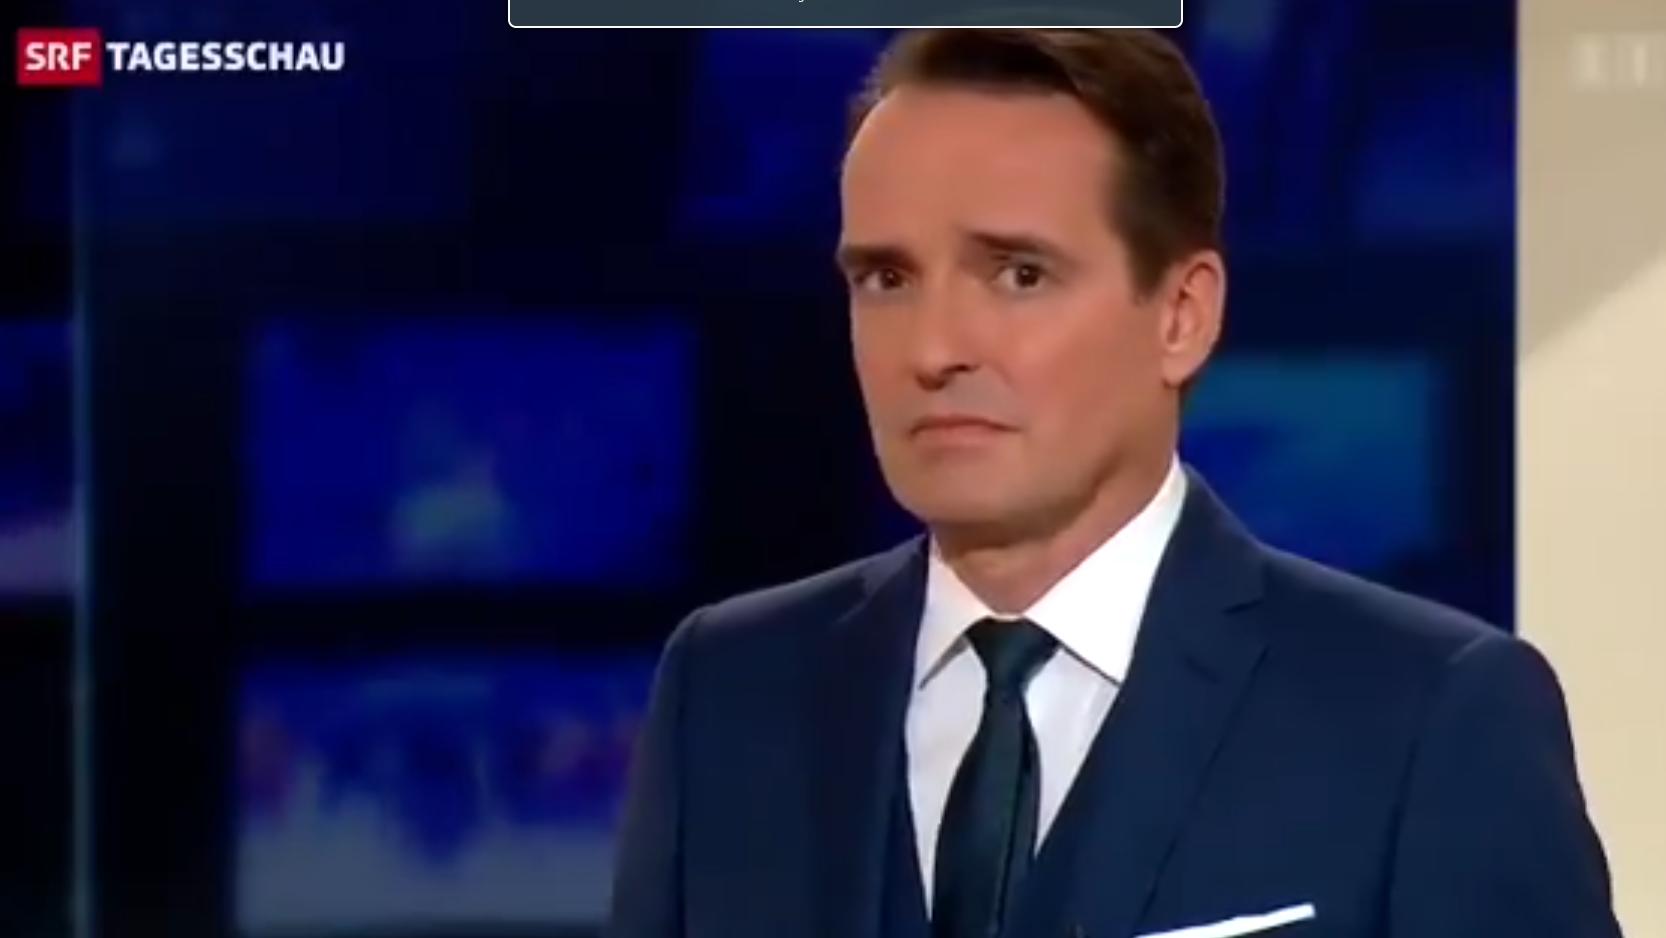 Da guckt Moderator Florian Inhauser dumm aus der Wäsche.